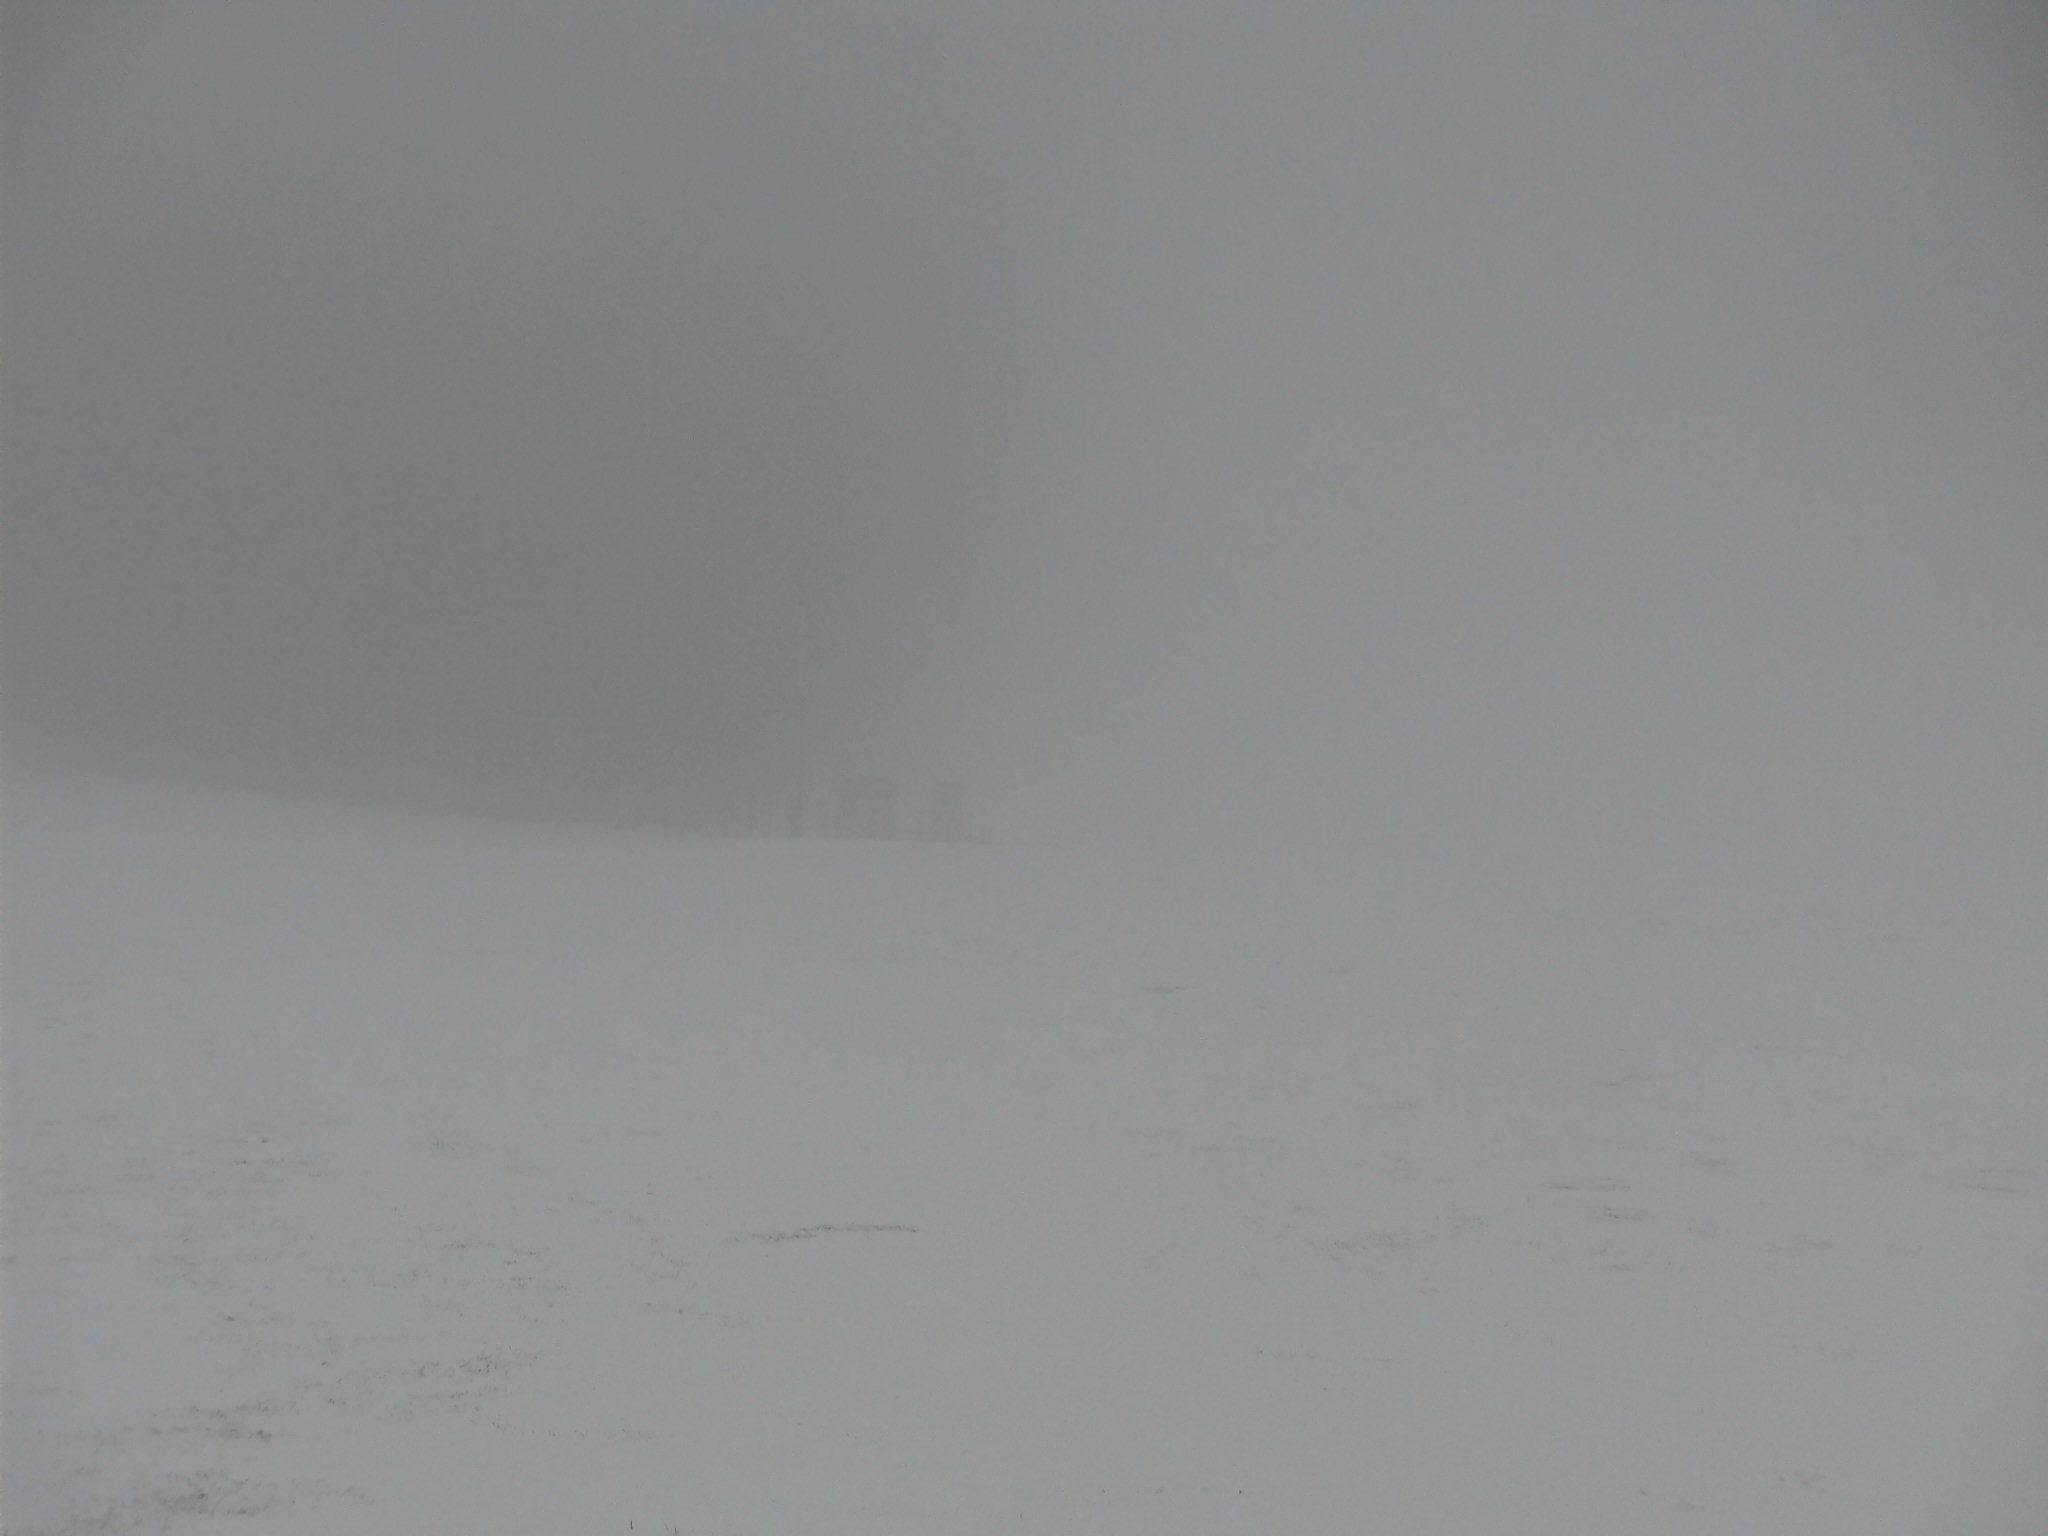 令和2年1月31日(金)天気/雪 気温/-1℃ 積雪/15㎝ ゲレンデ/一部滑走可能_e0306207_08244933.jpg